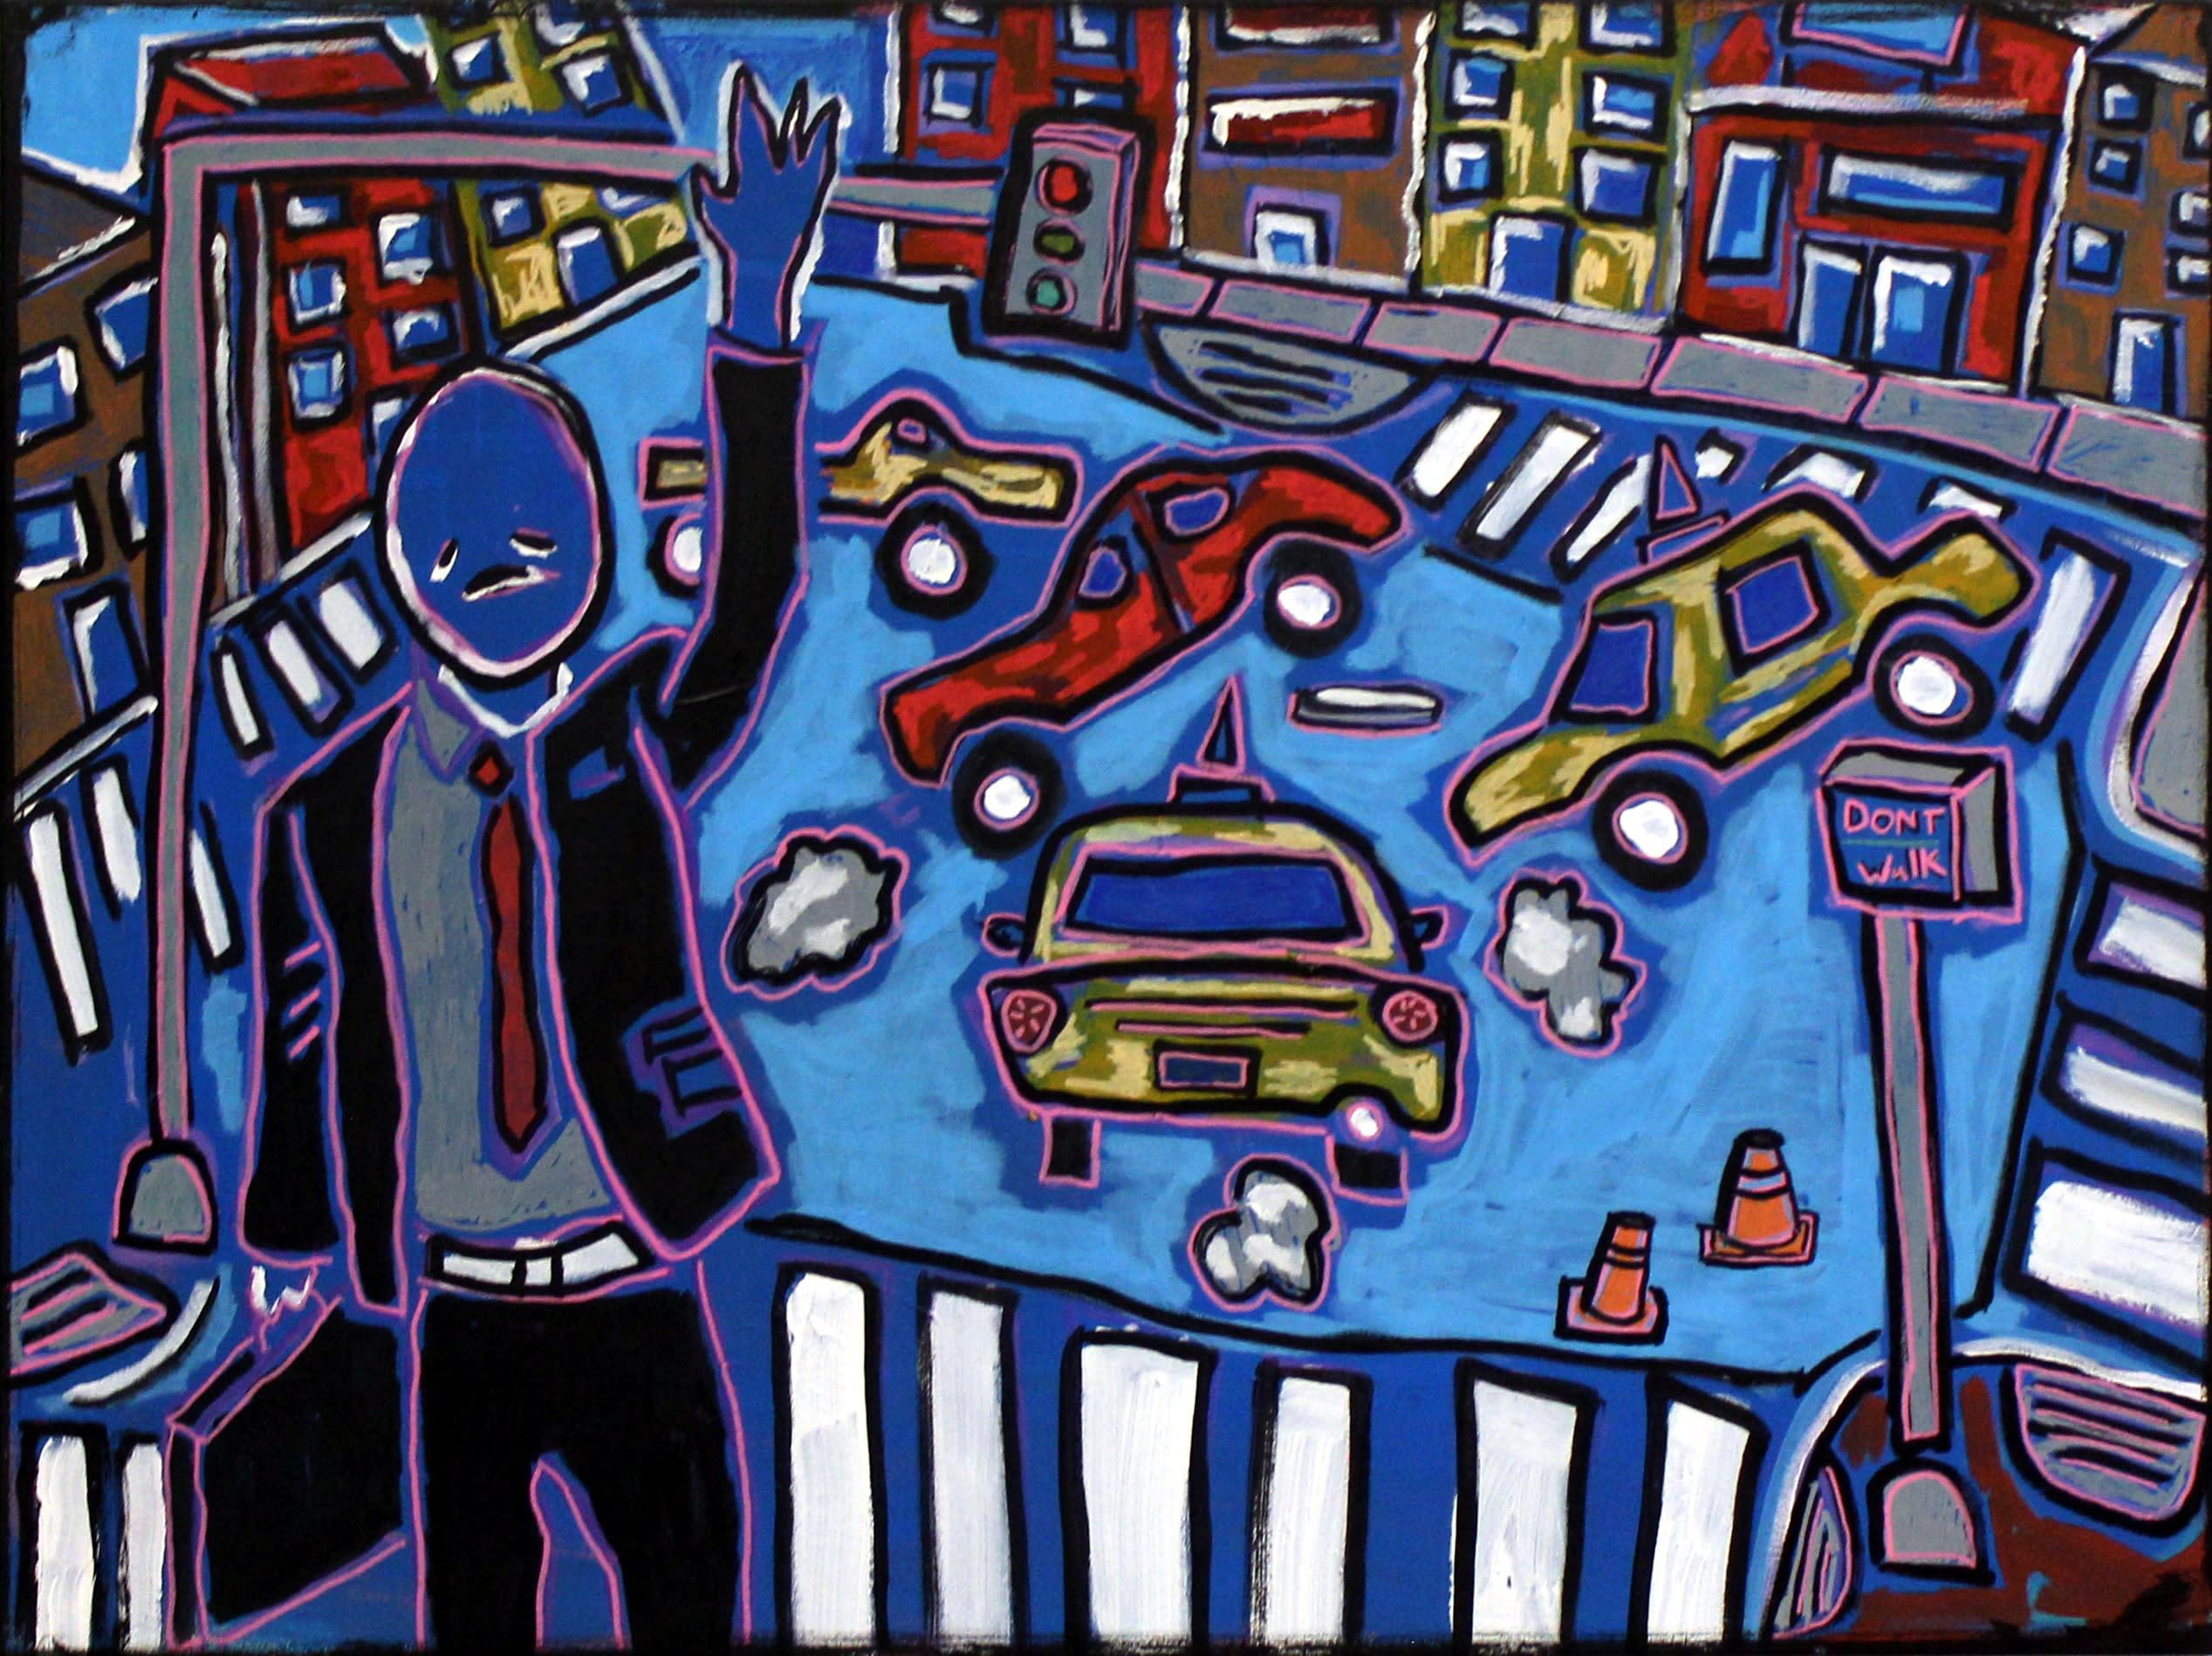 Uptown painting paul wylenczek wetpaintnyc gallery eyhxjz